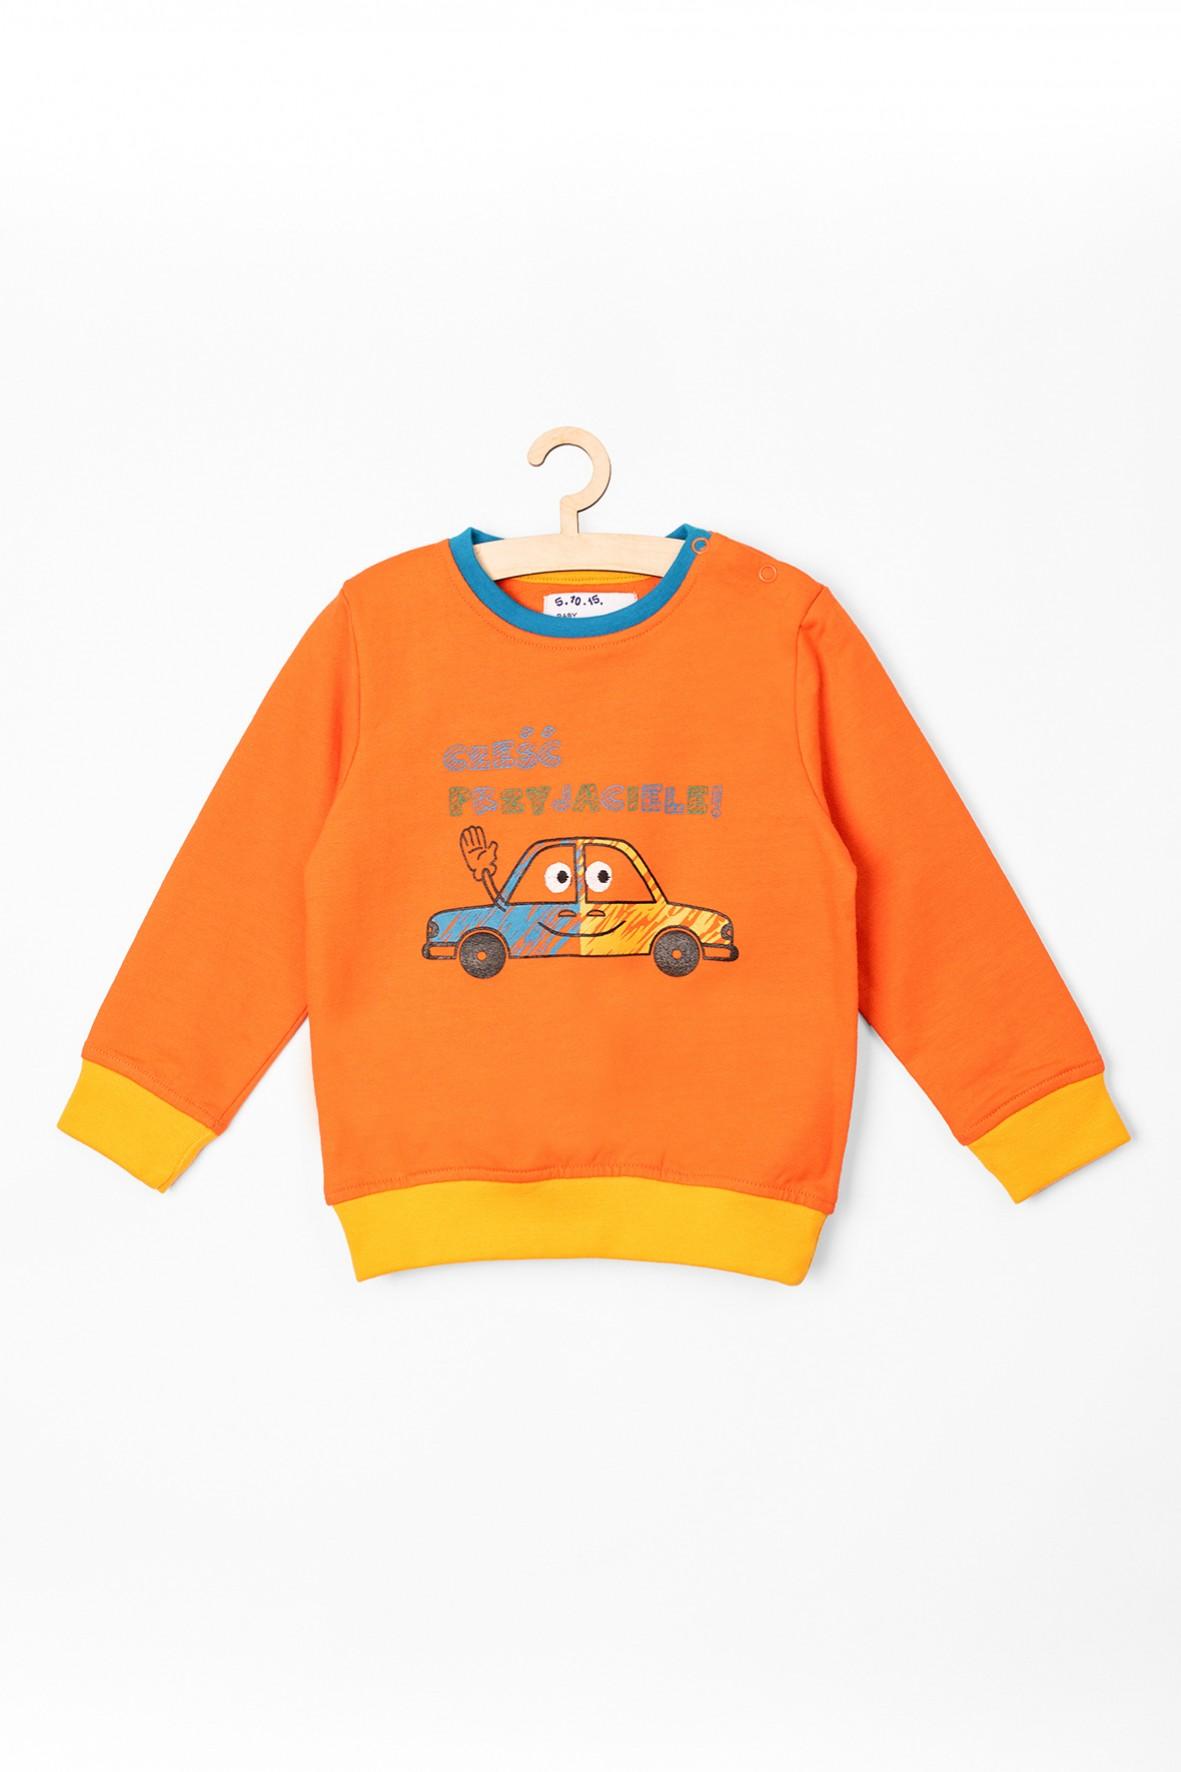 Bluza niemowlęca pomarańczowa z samochodzikiem